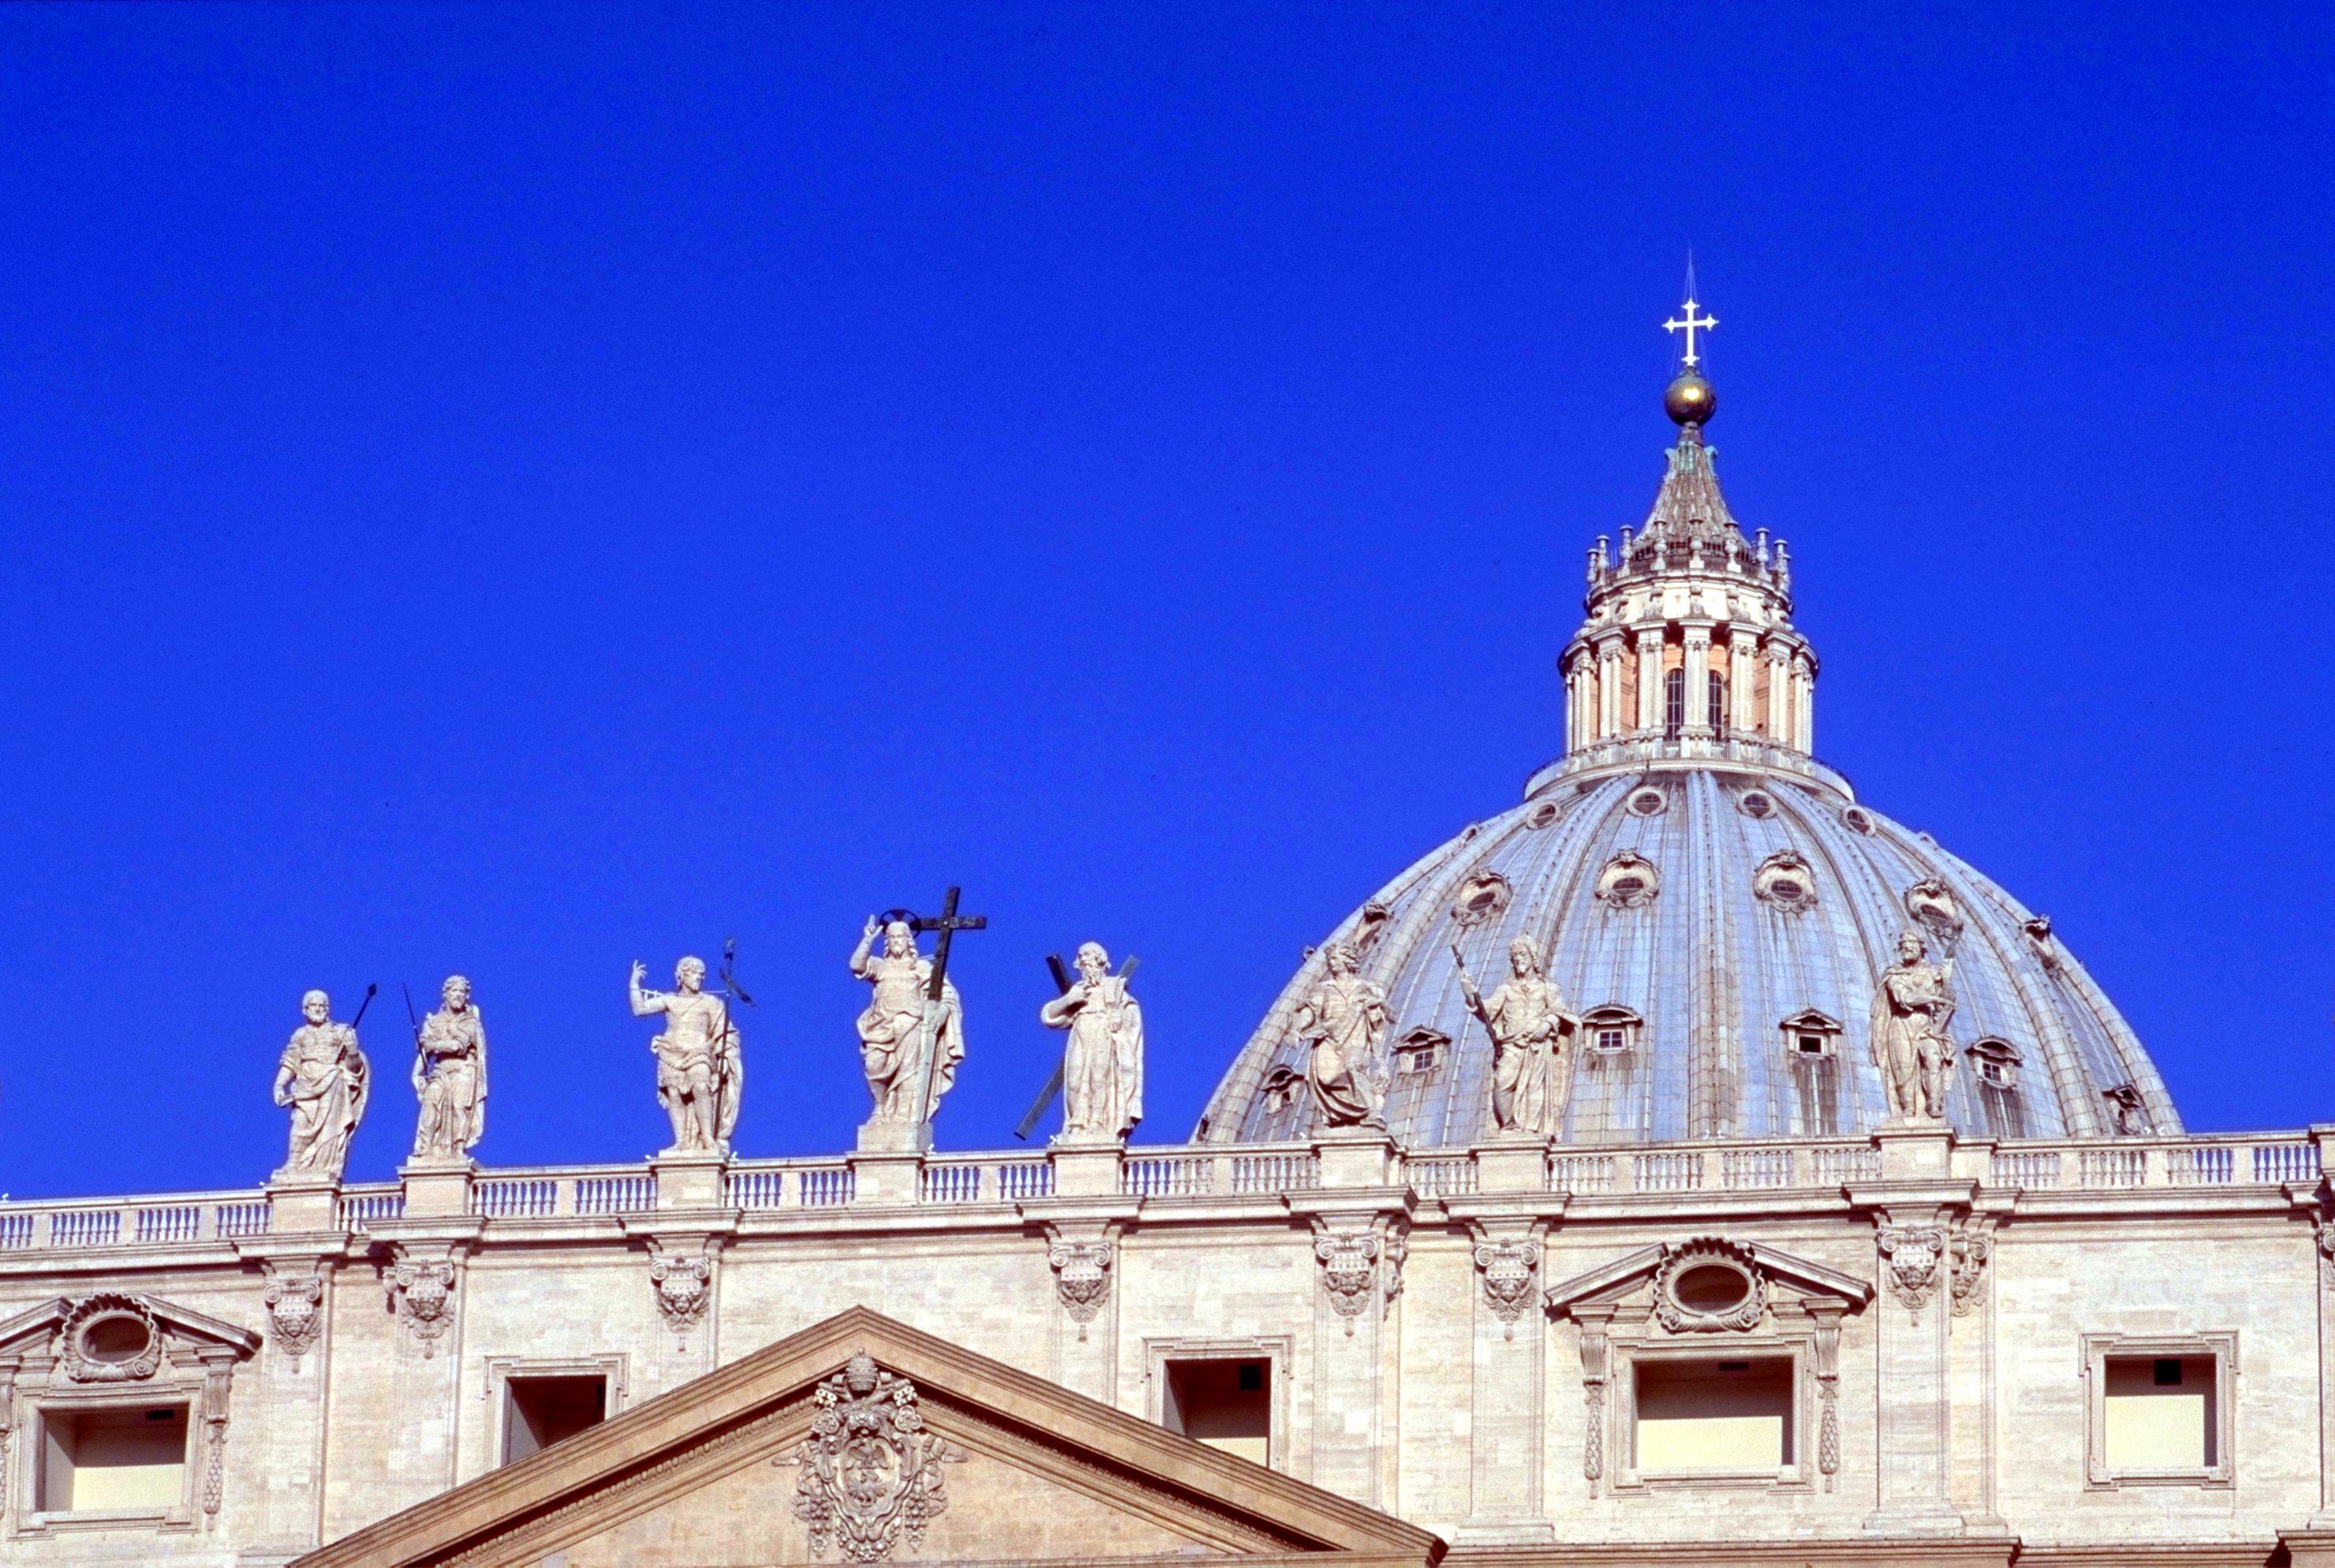 上の部分のサン・ピエトロ大聖堂です。